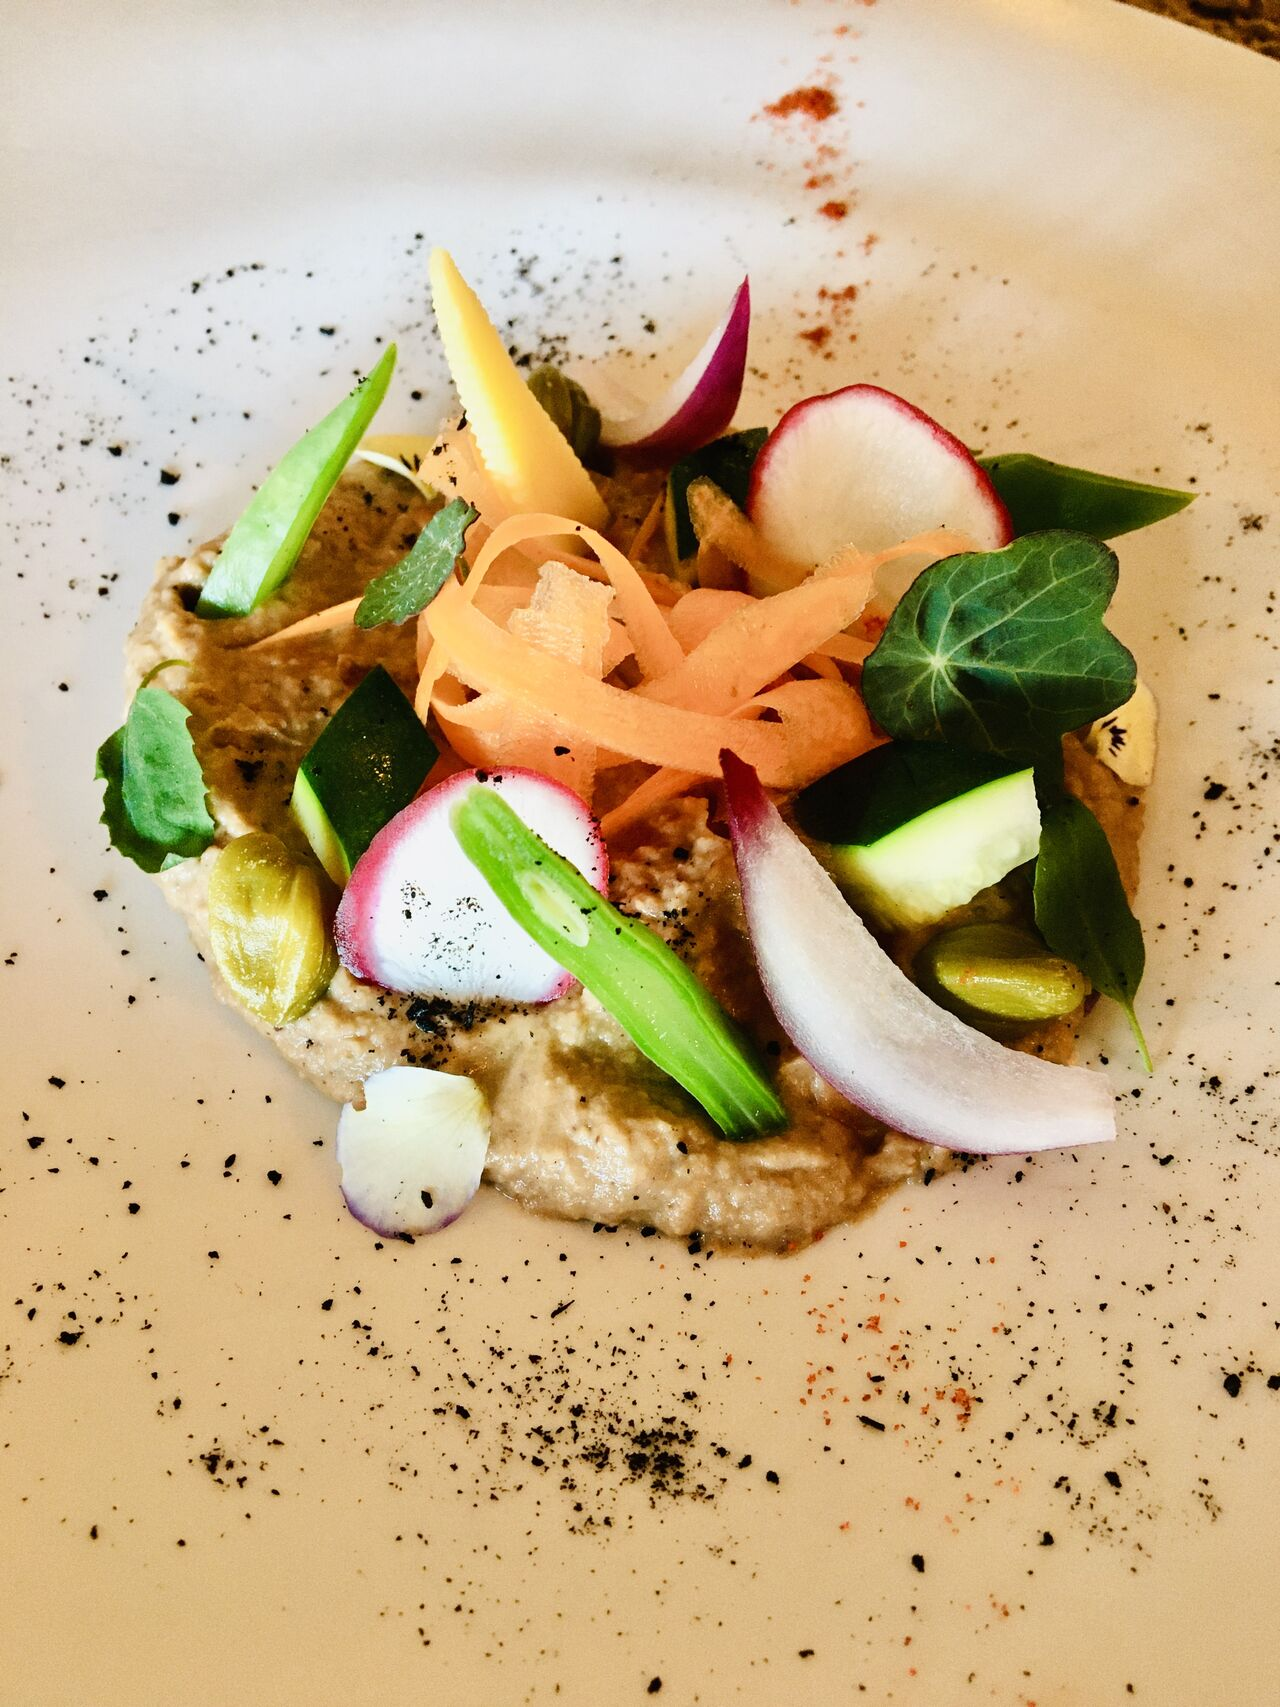 humus de berenjena y aceituna negra con crudites (nuestros menús semanales varían según el chef )